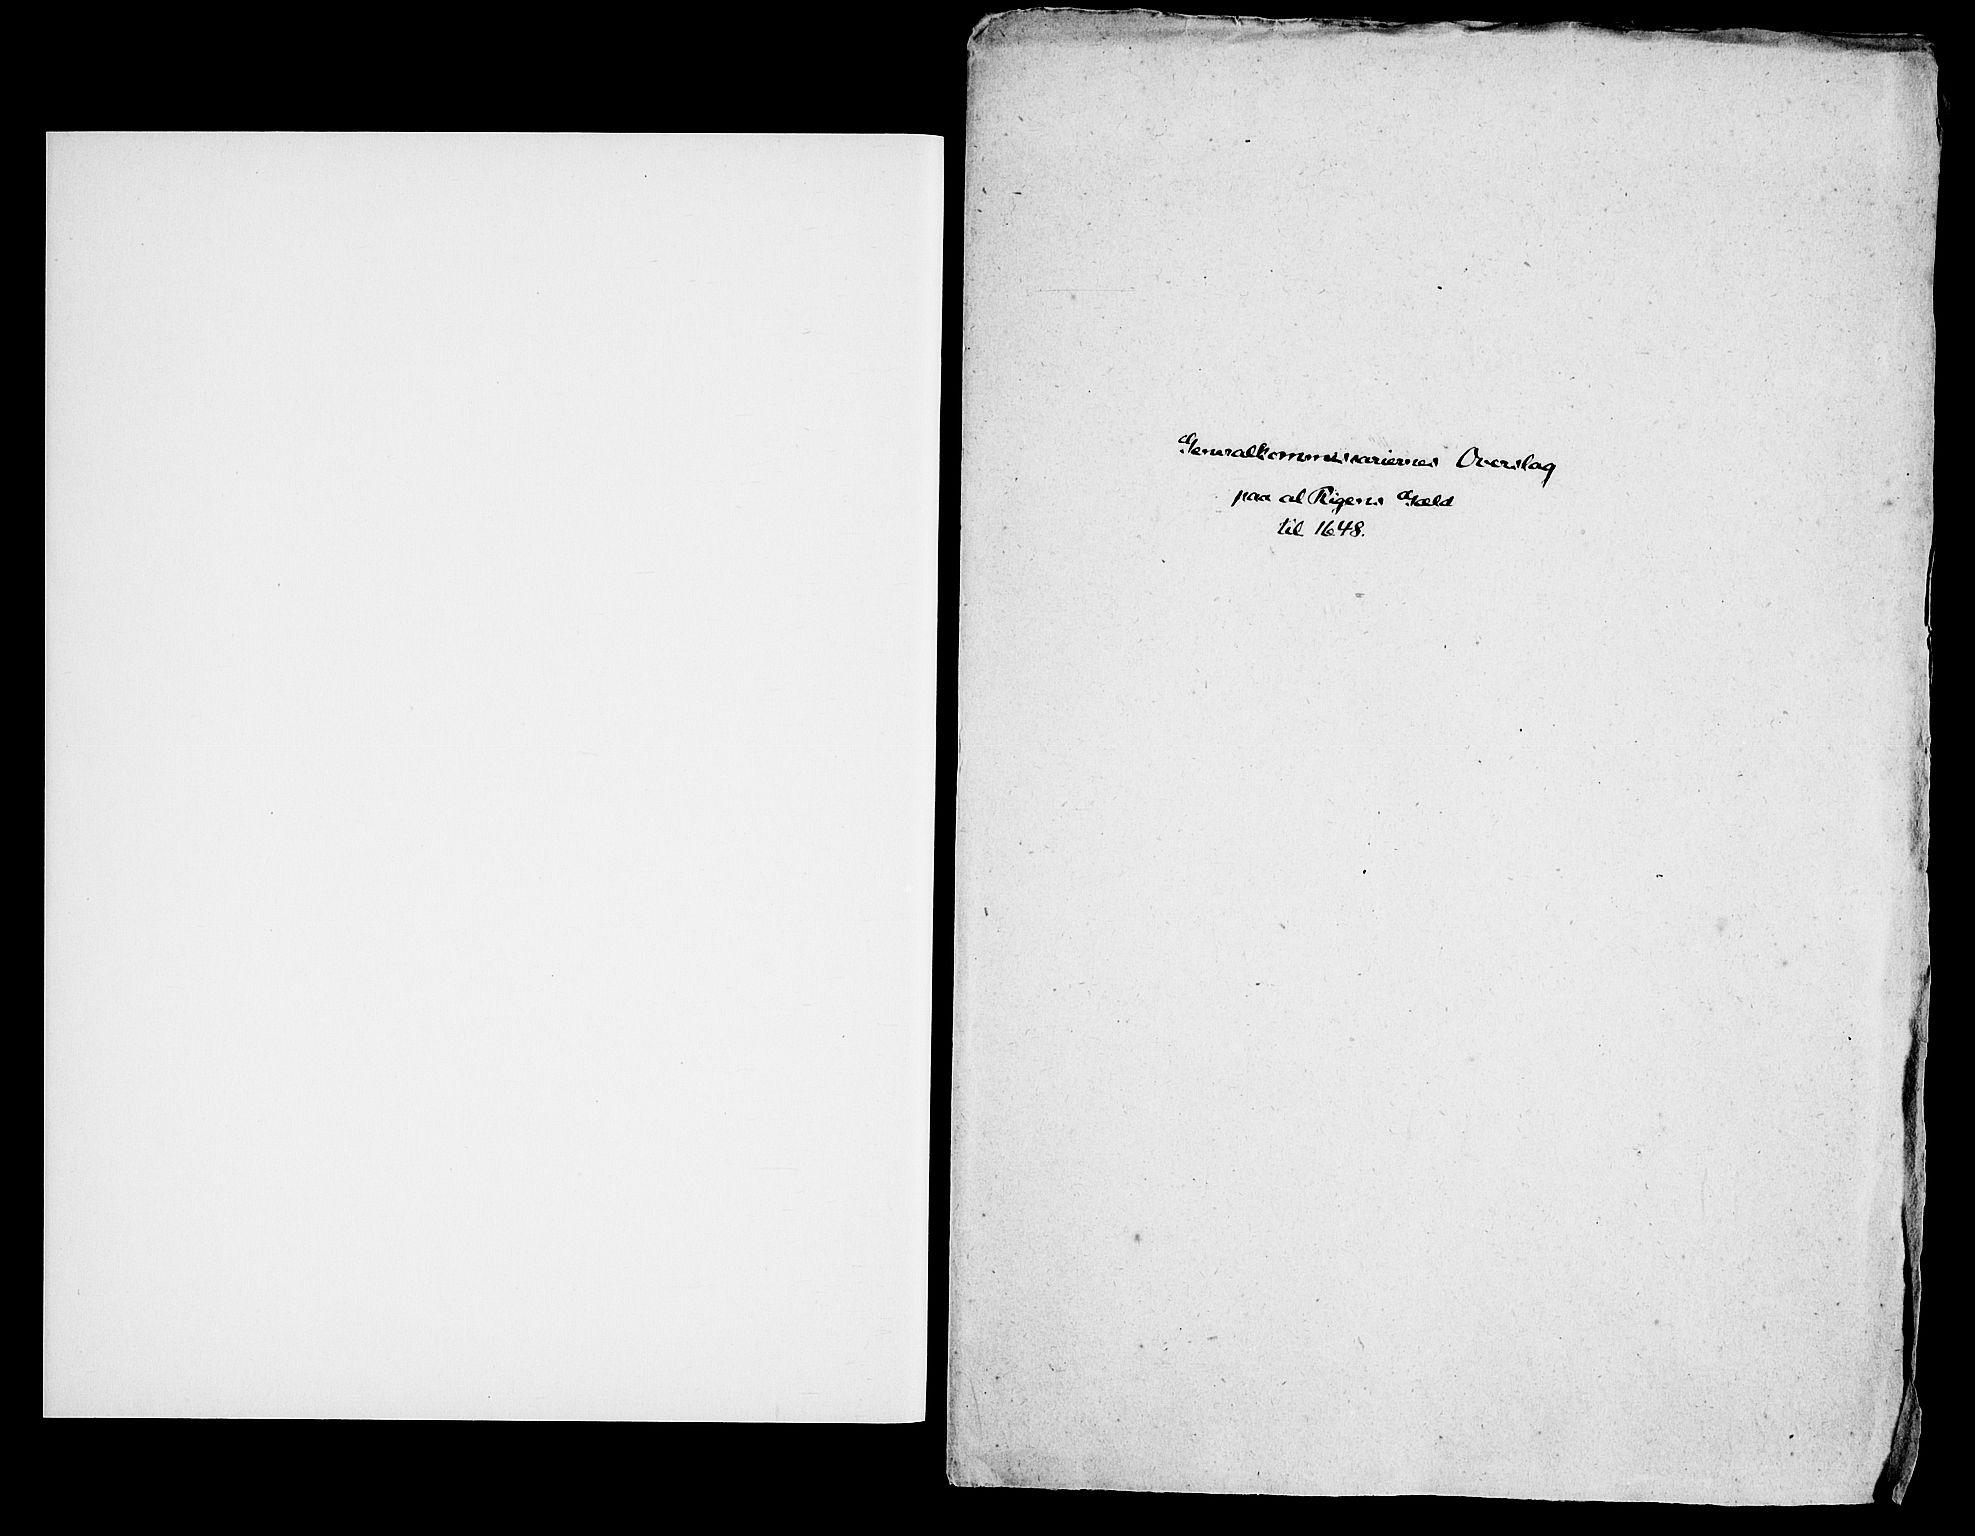 RA, Danske Kanselli, Skapsaker, G/L0019: Tillegg til skapsakene, 1616-1753, s. 115